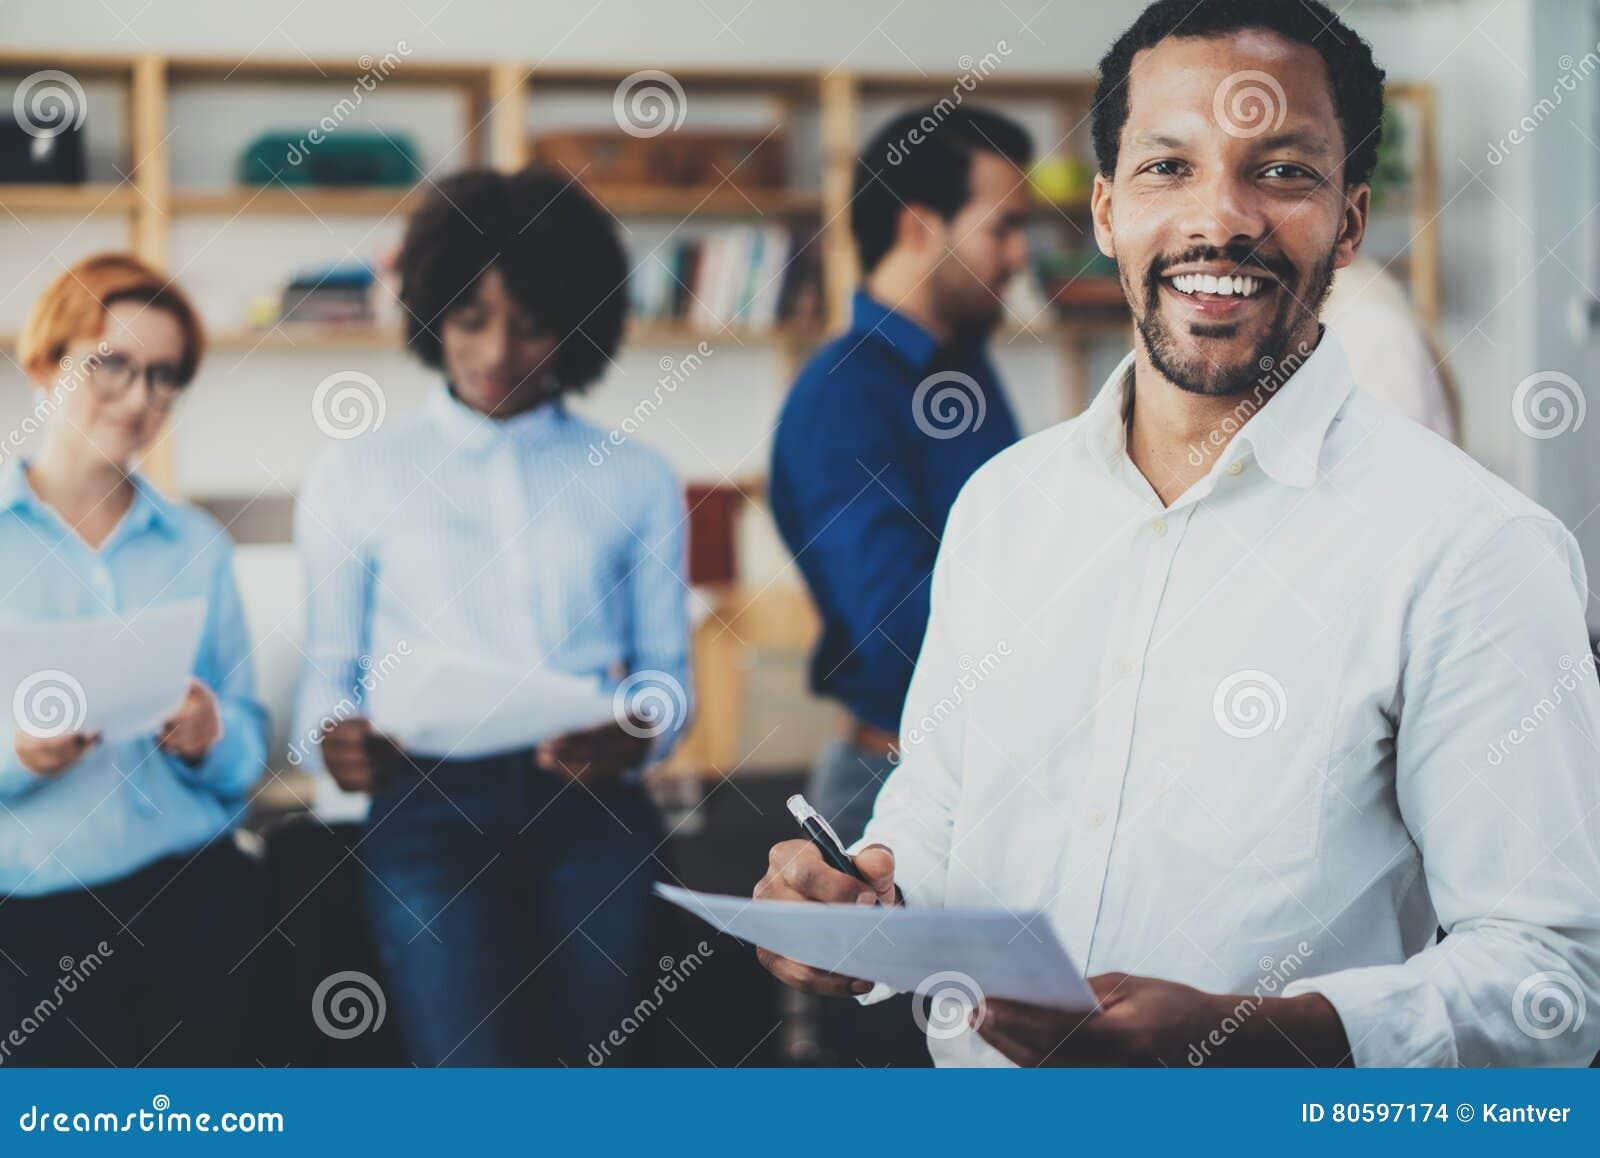 Έννοια ομαδικής εργασίας στο σύγχρονο γραφείο Νέος αφρικανικός επιχειρηματίας που φορά τα άσπρα έγγραφα εκμετάλλευσης πουκάμισων